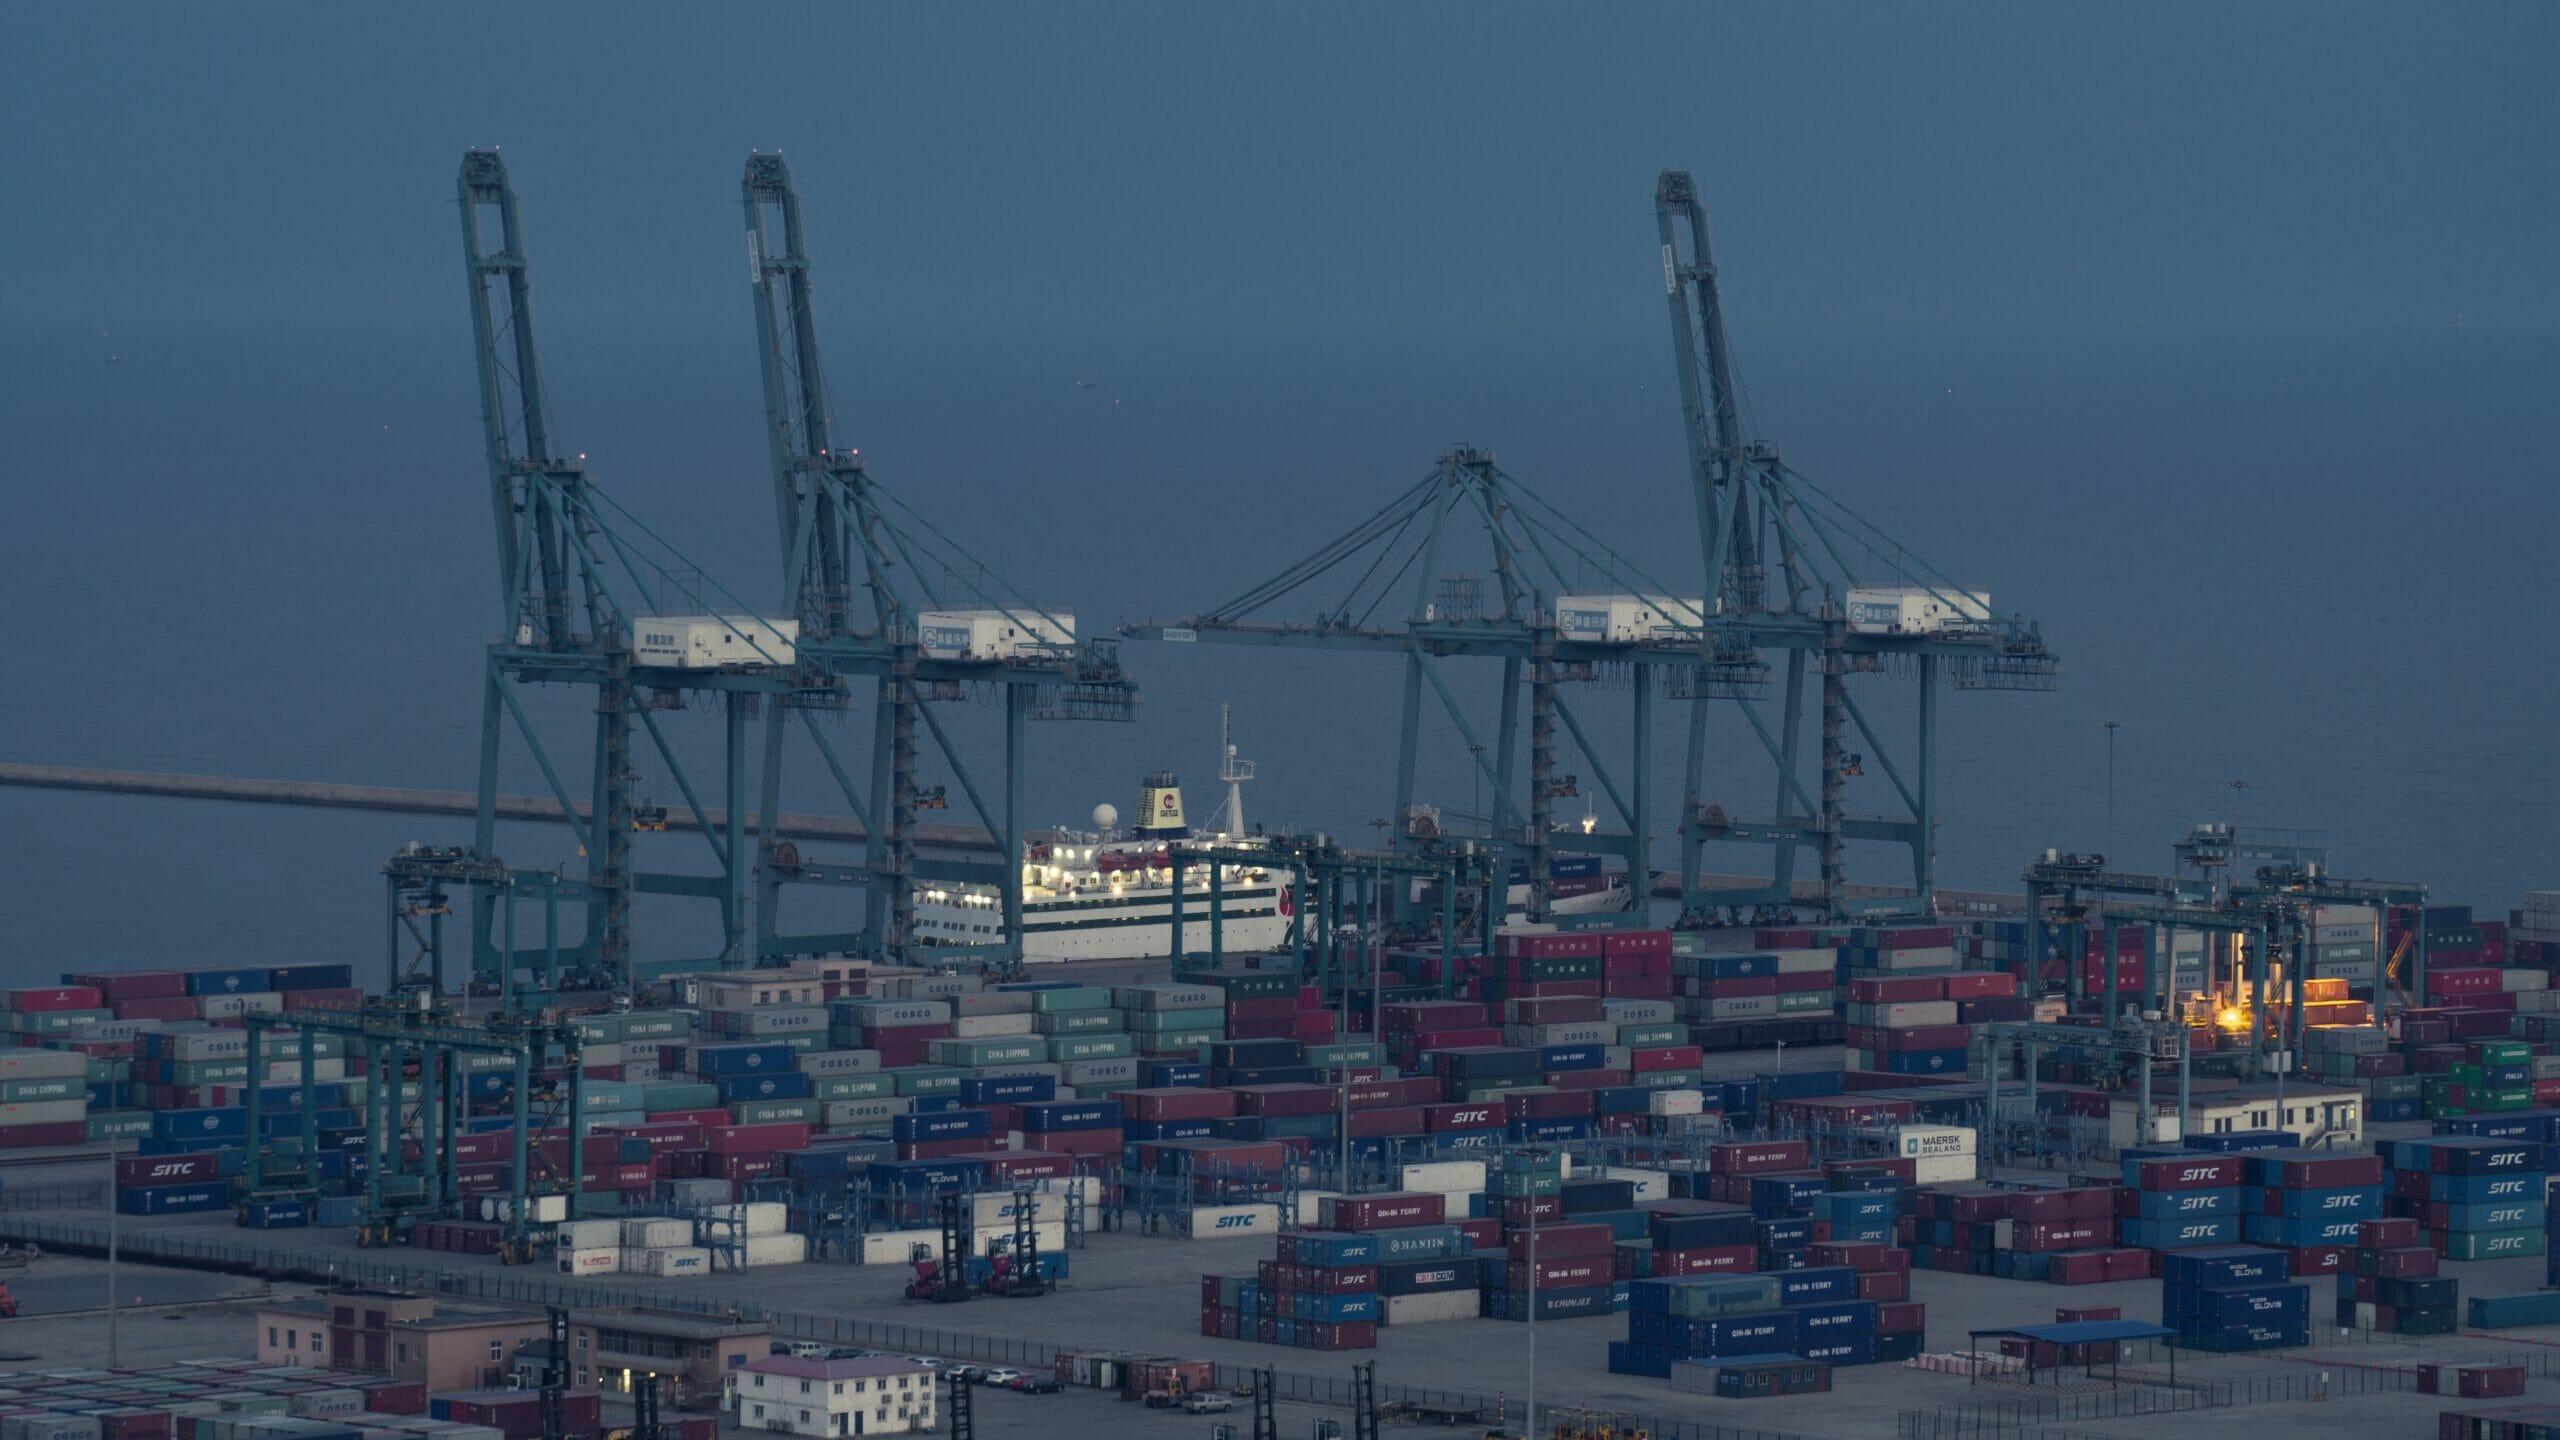 بازگشت مجدد کرونا به بنادر آسیایی با تغییر خدمه کشتیها